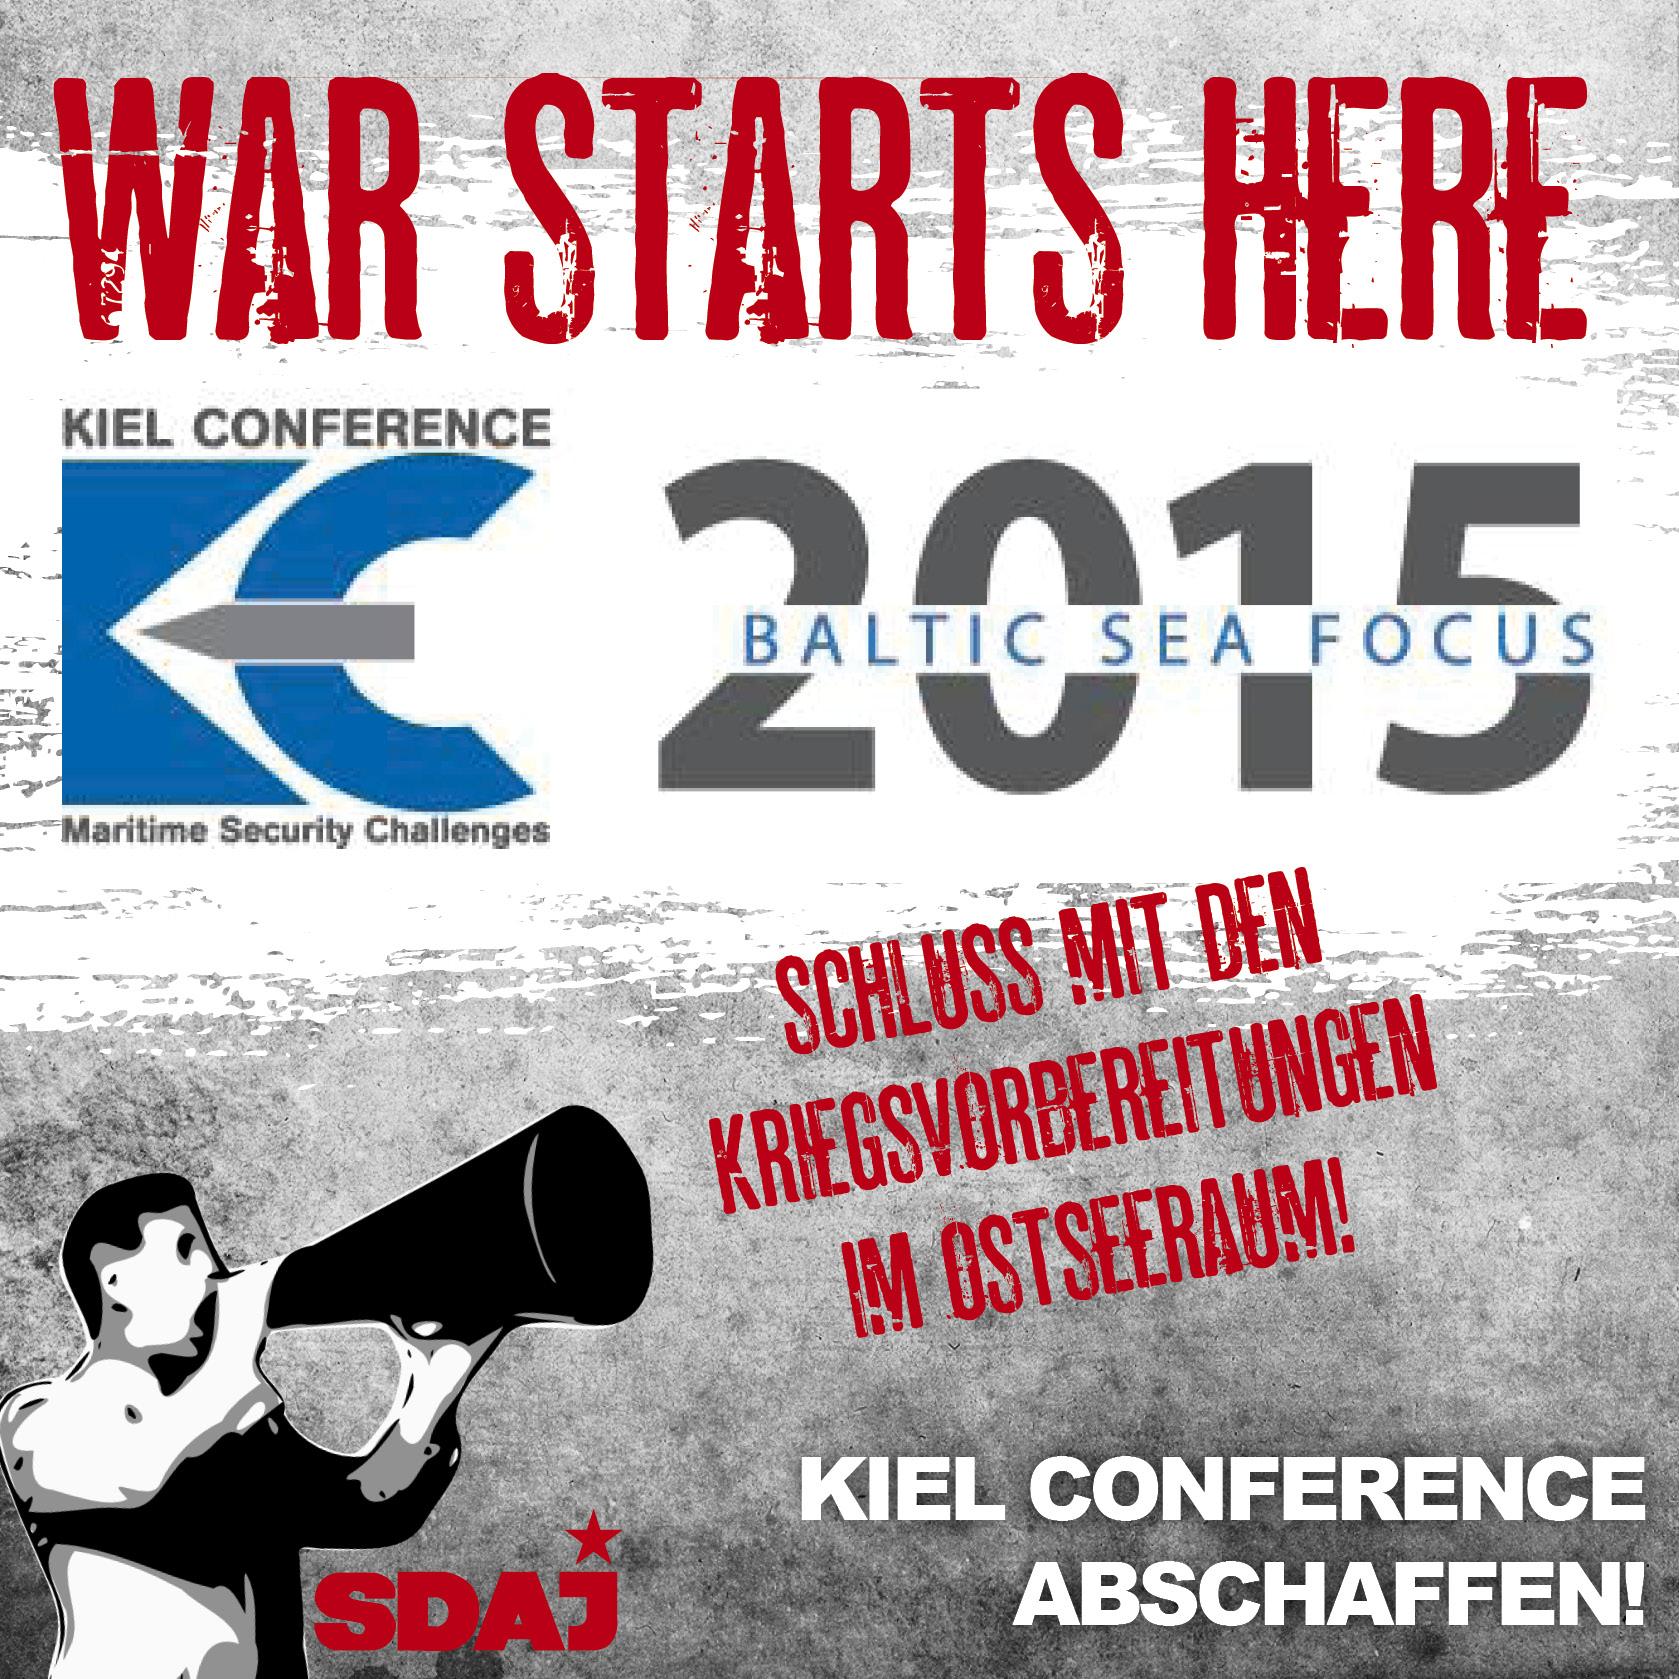 Demonstration gegen Kieler Kriegskonferenz – militärischen Machtausbau gen Osten stoppen!